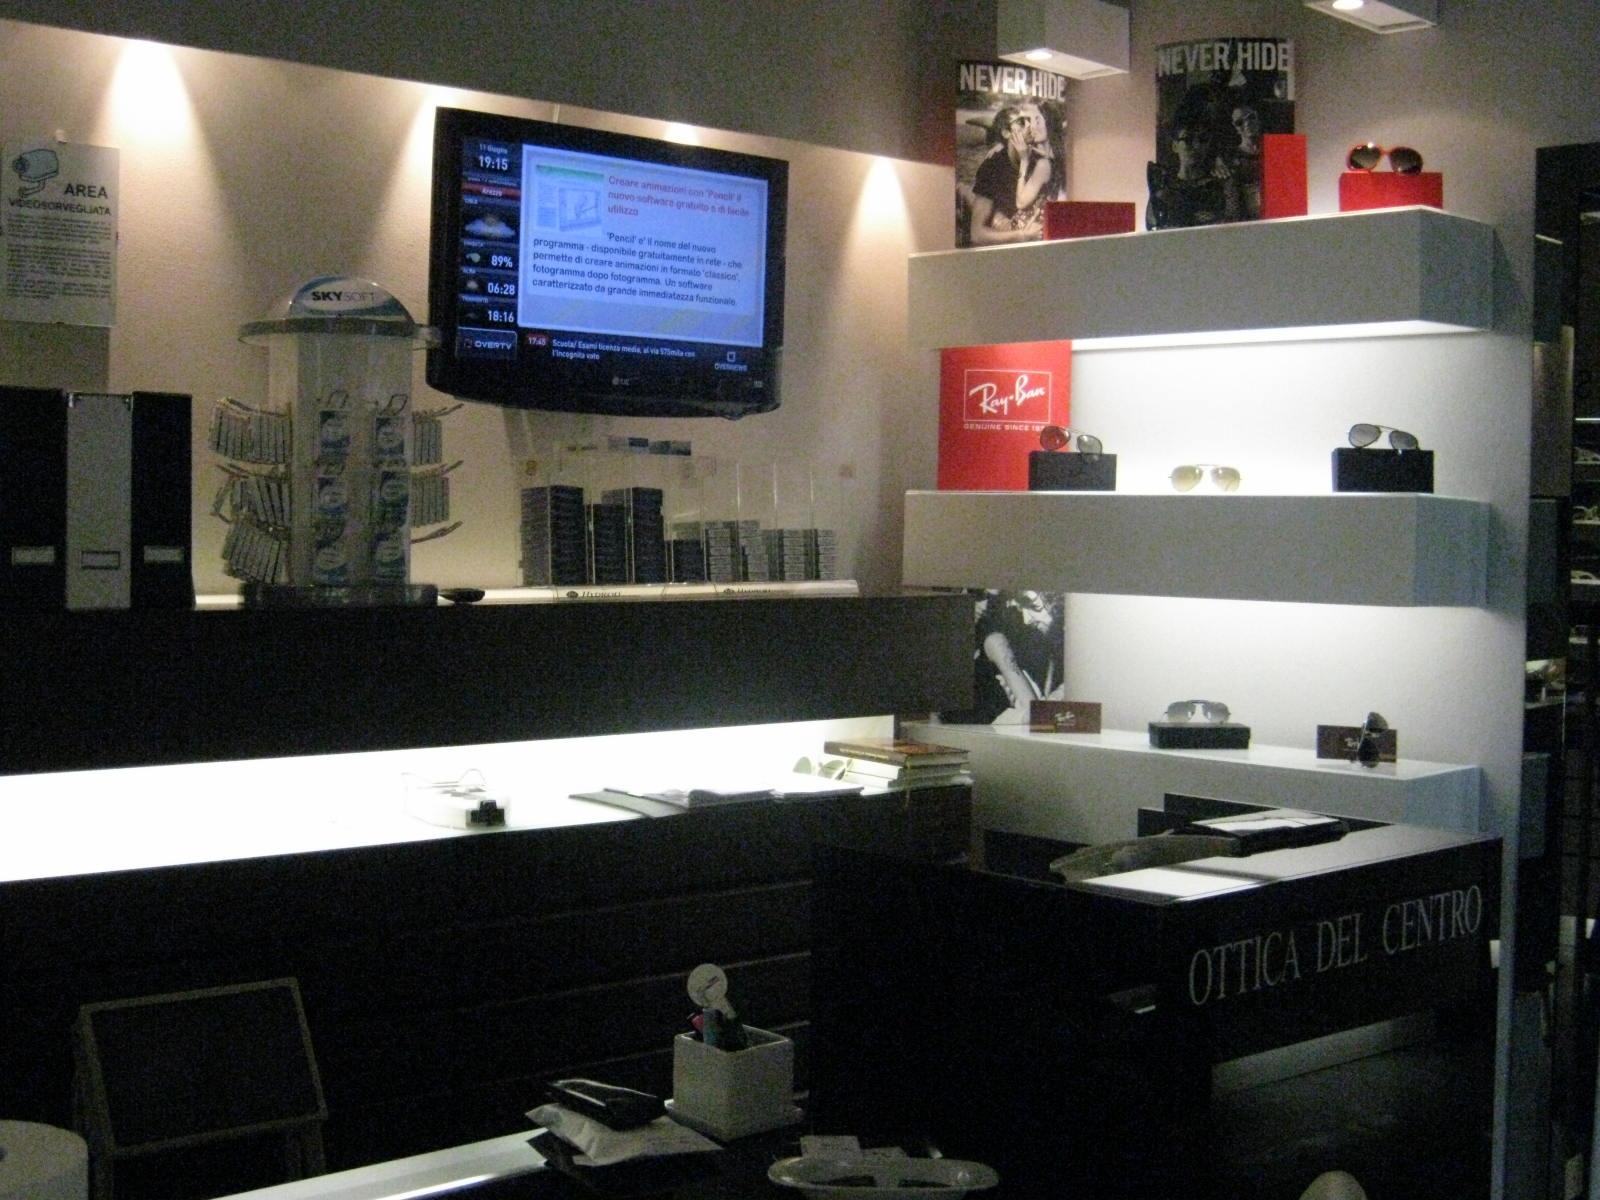 Italia: Digital Signage al negozio di ottica, a Garlasco